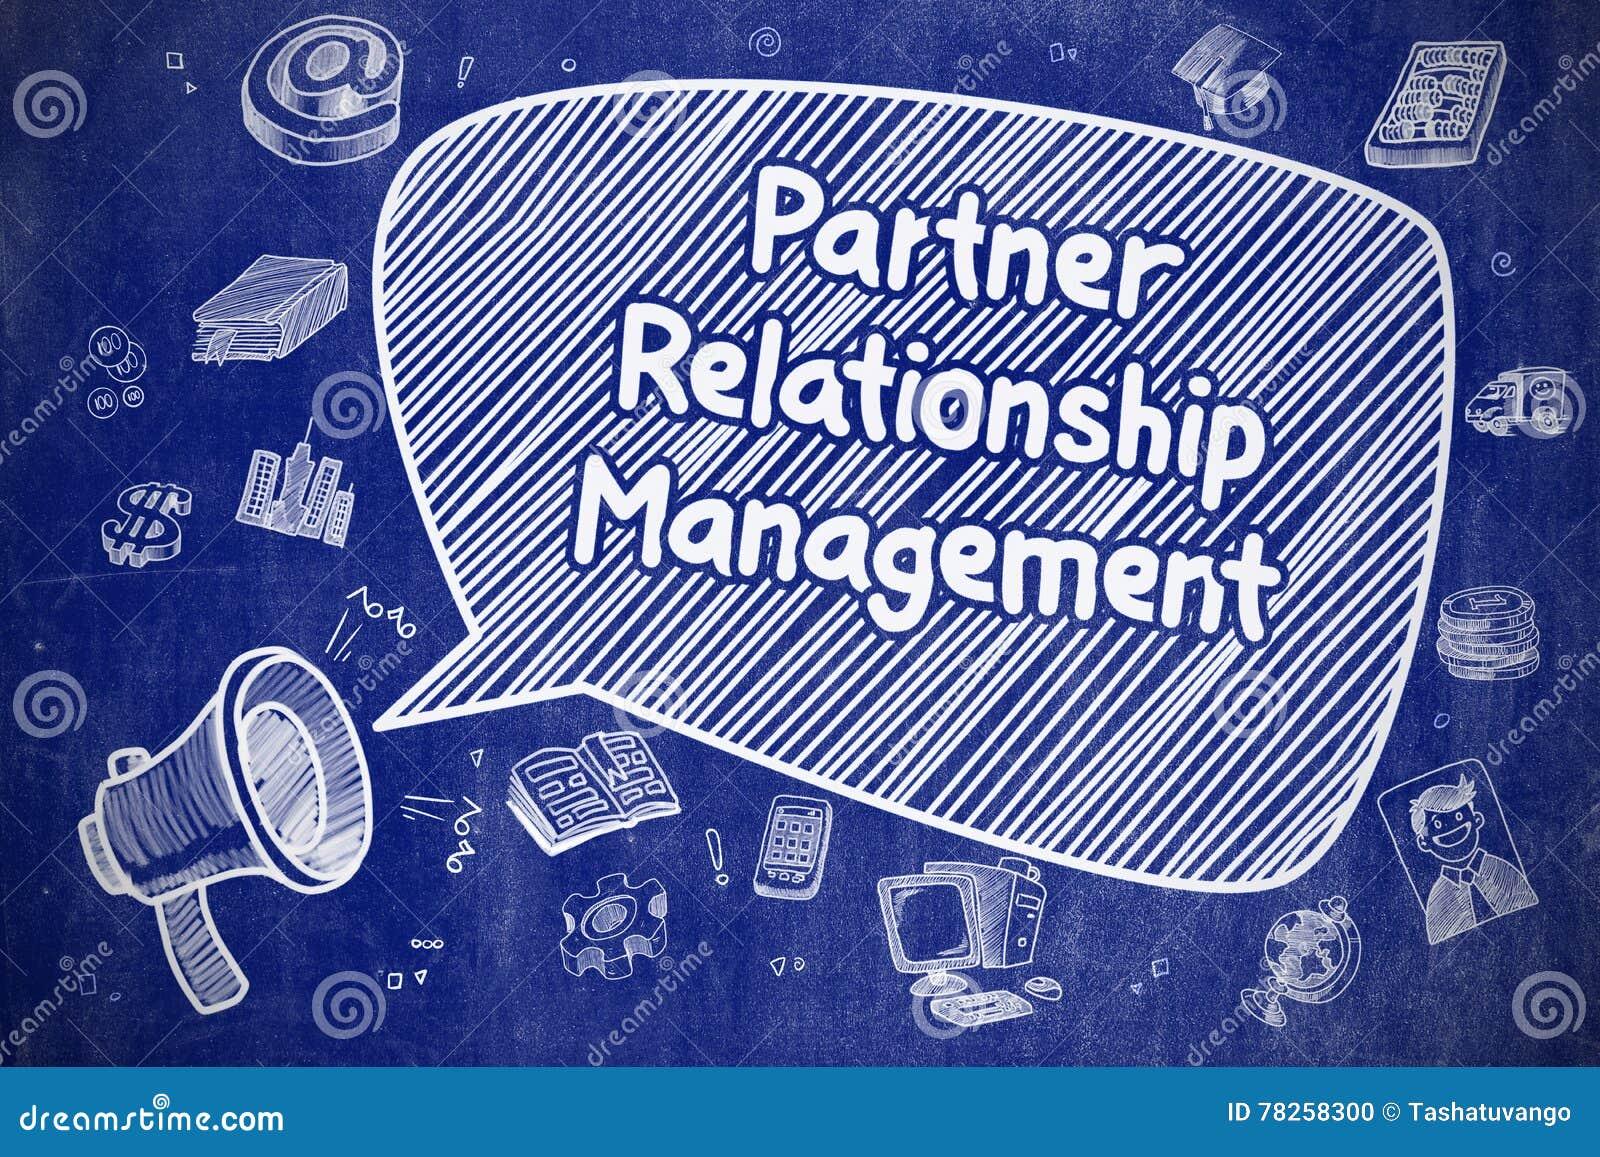 Διαχείριση σχέσης εταίρων - επιχειρησιακή έννοια